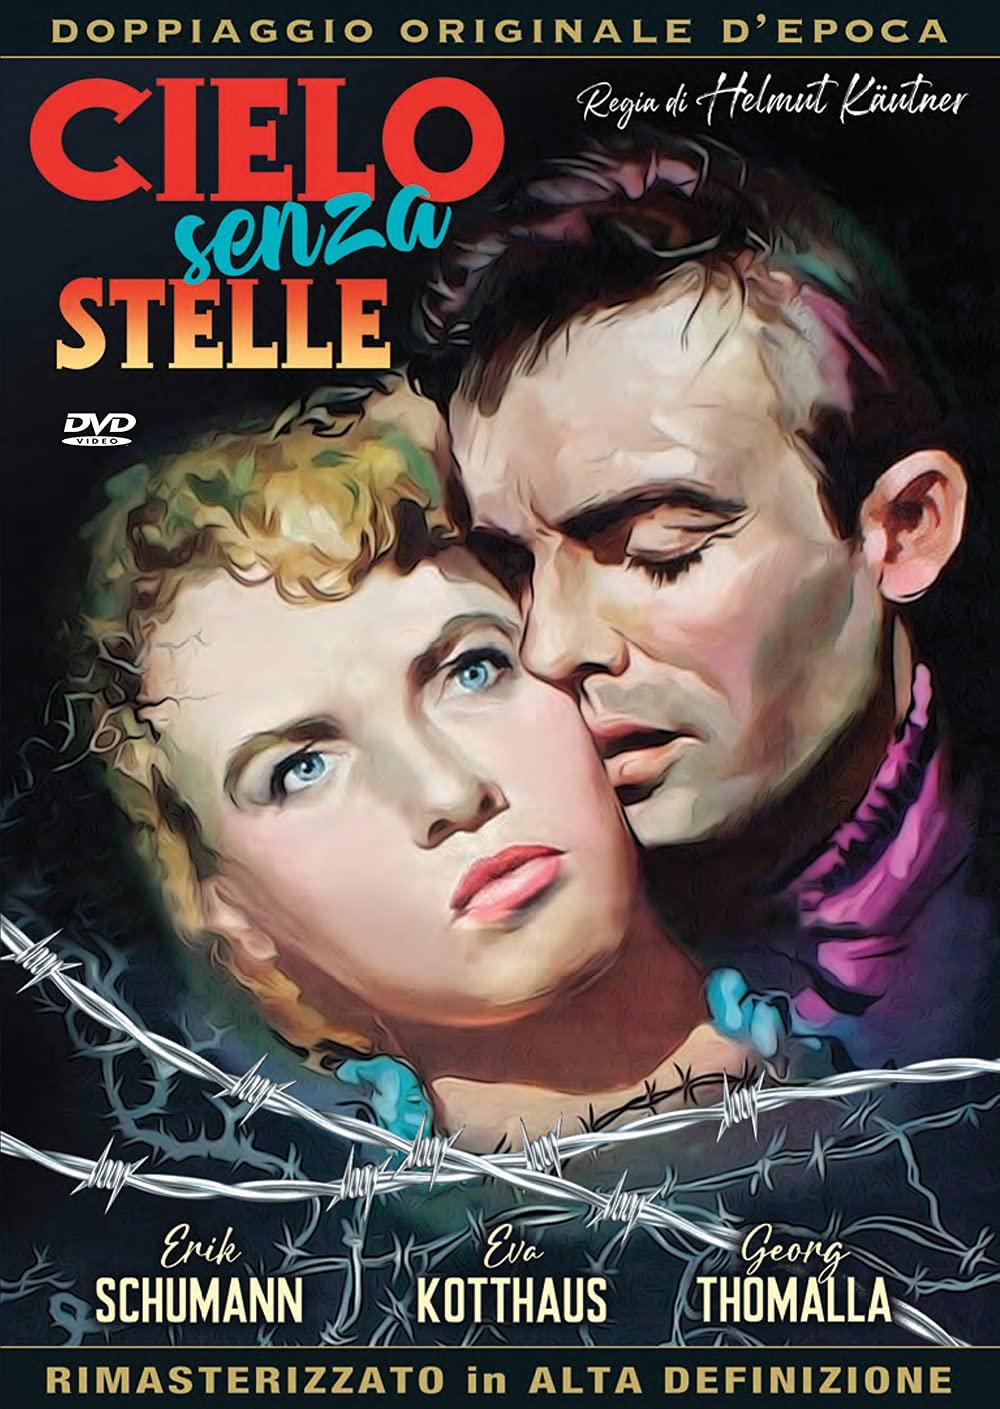 CIELO SENZA STELLE (DVD)